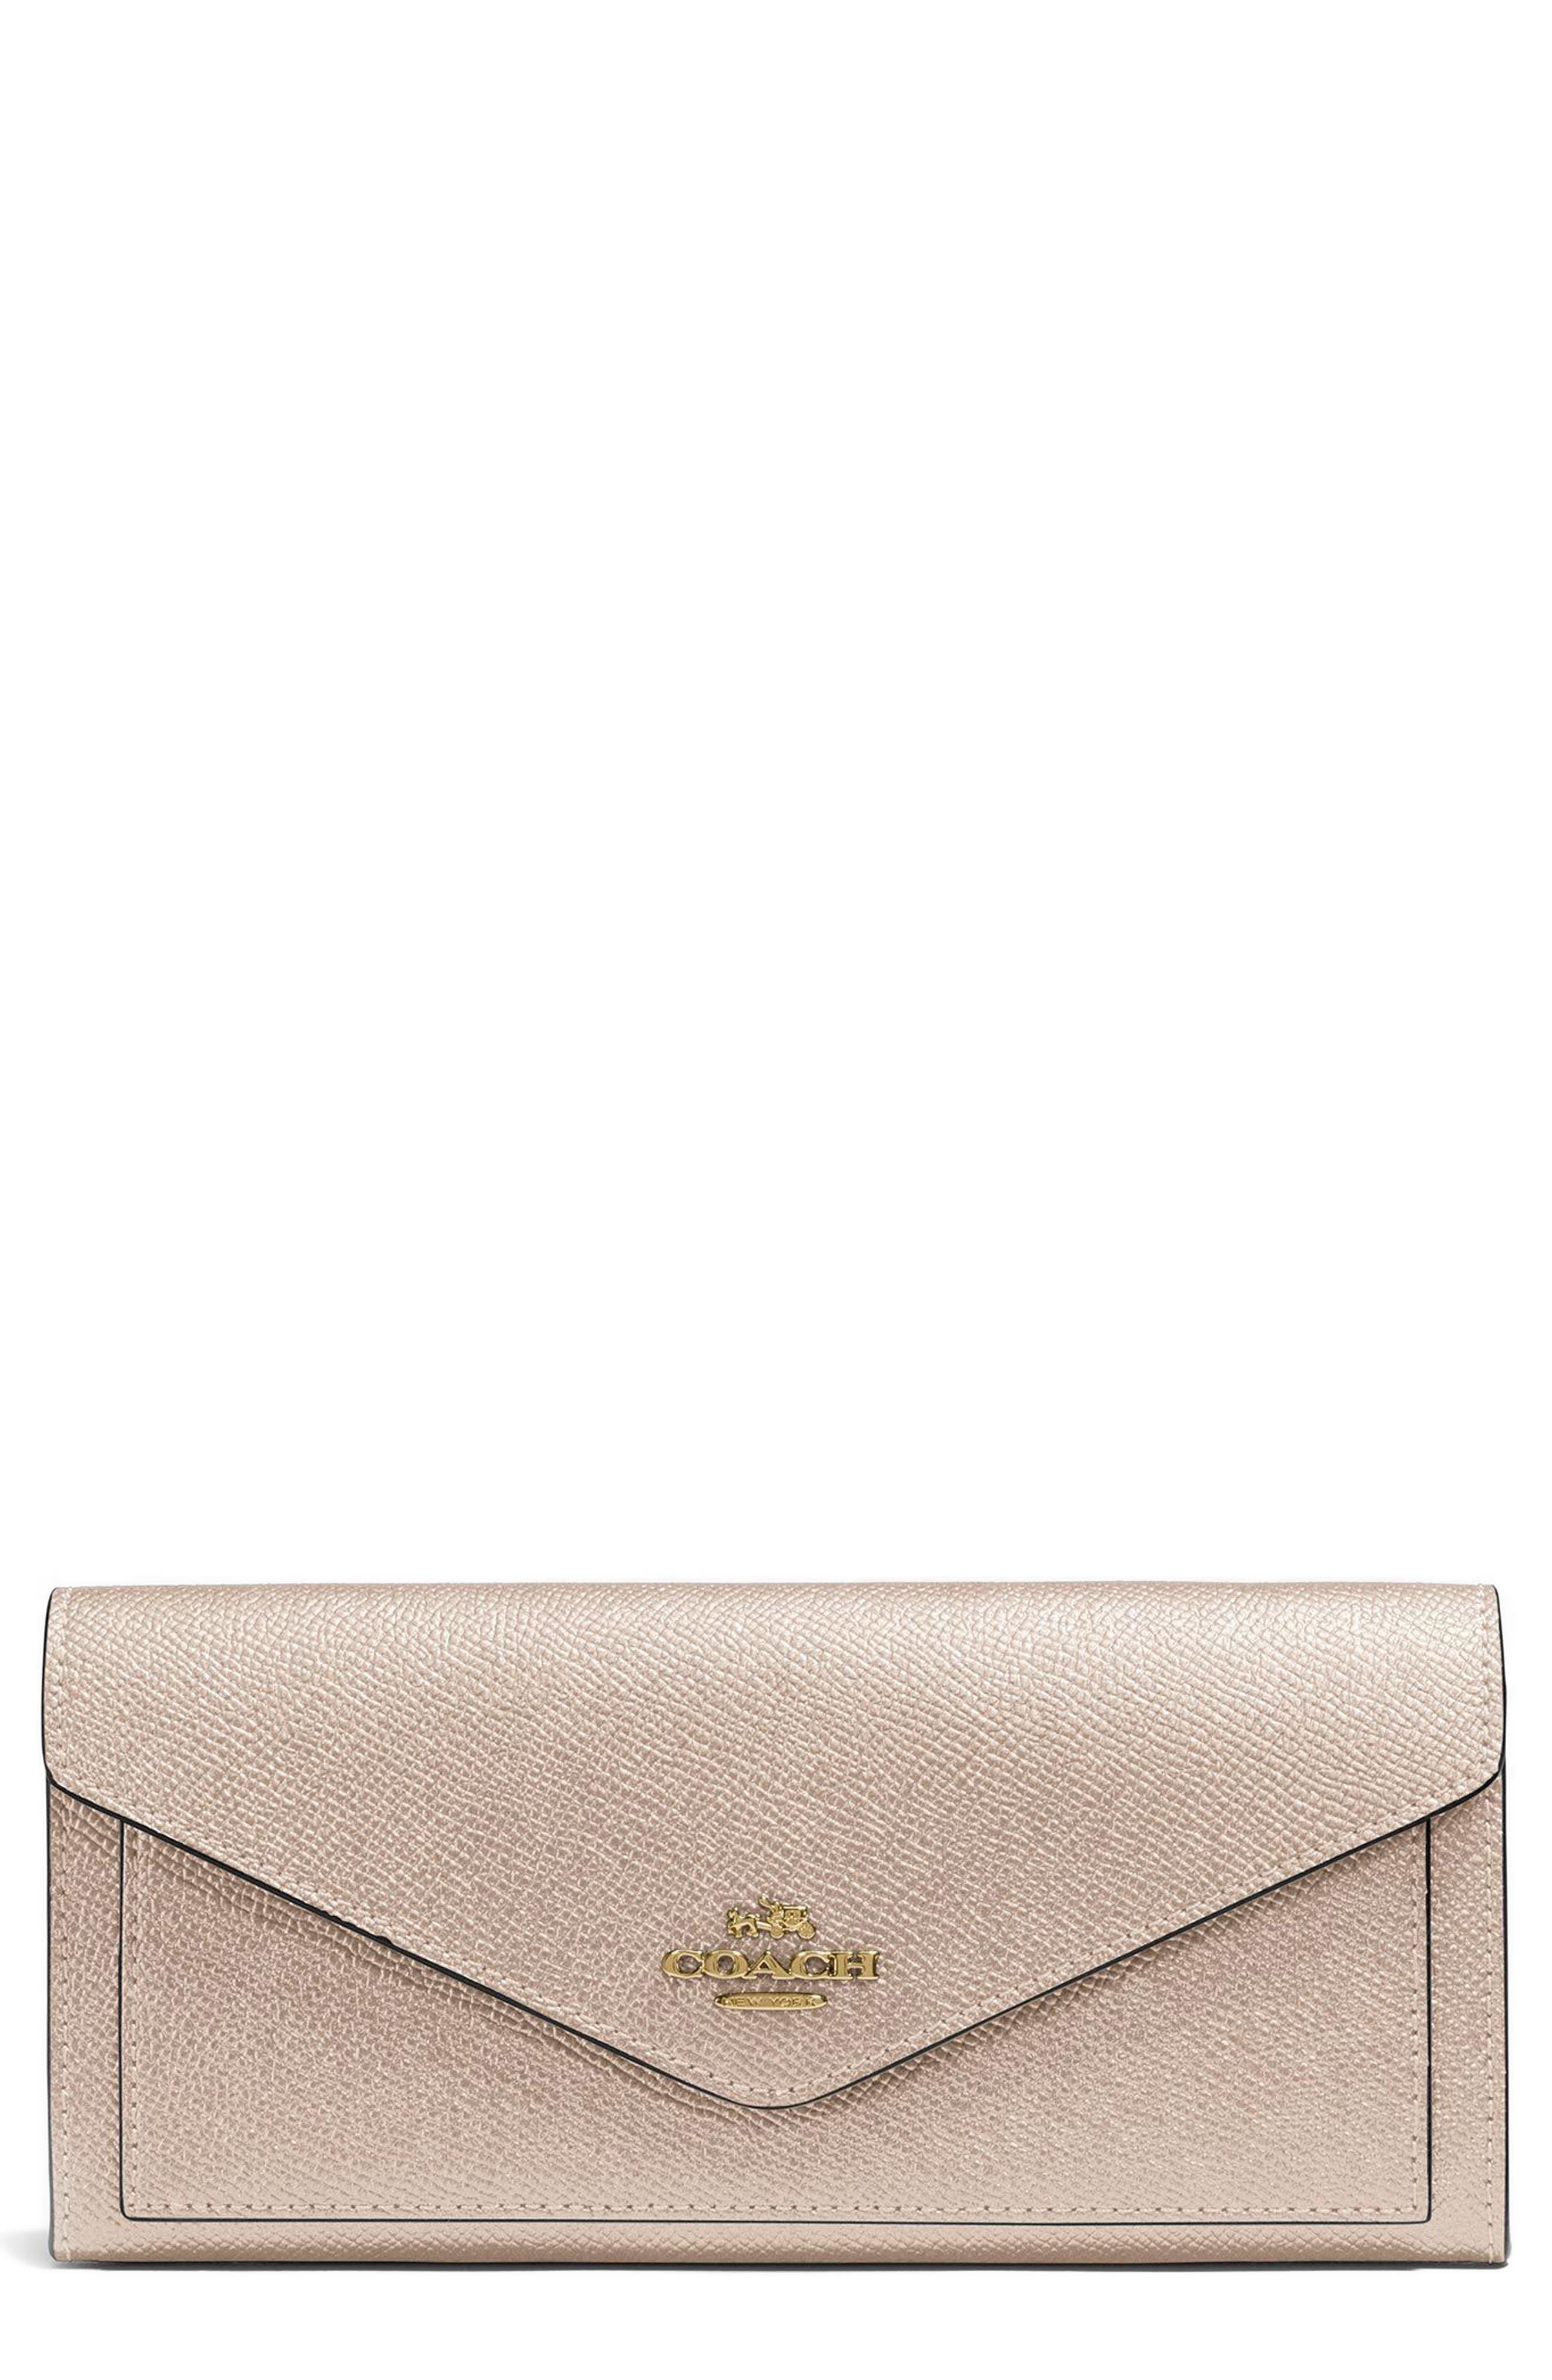 COACH Soft Calfskin Wallet